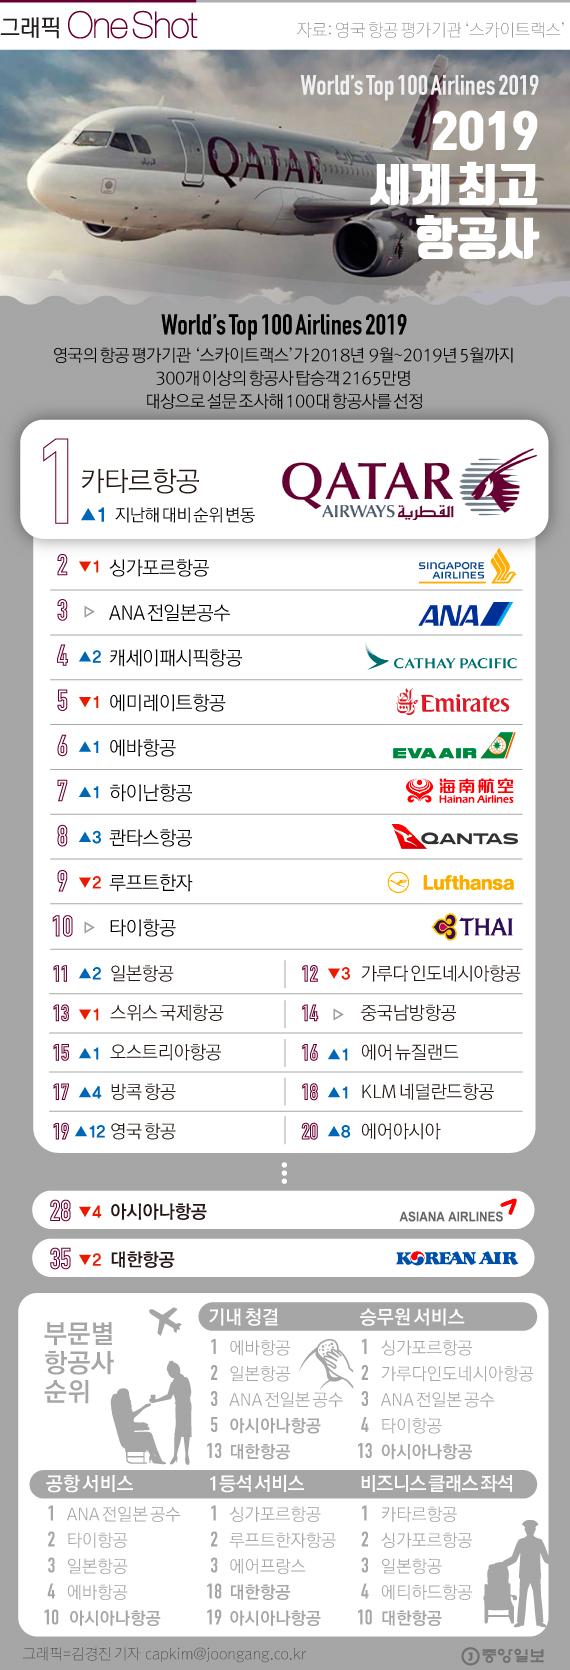 스카이트랙스 선정, 2019 최고의 항공사